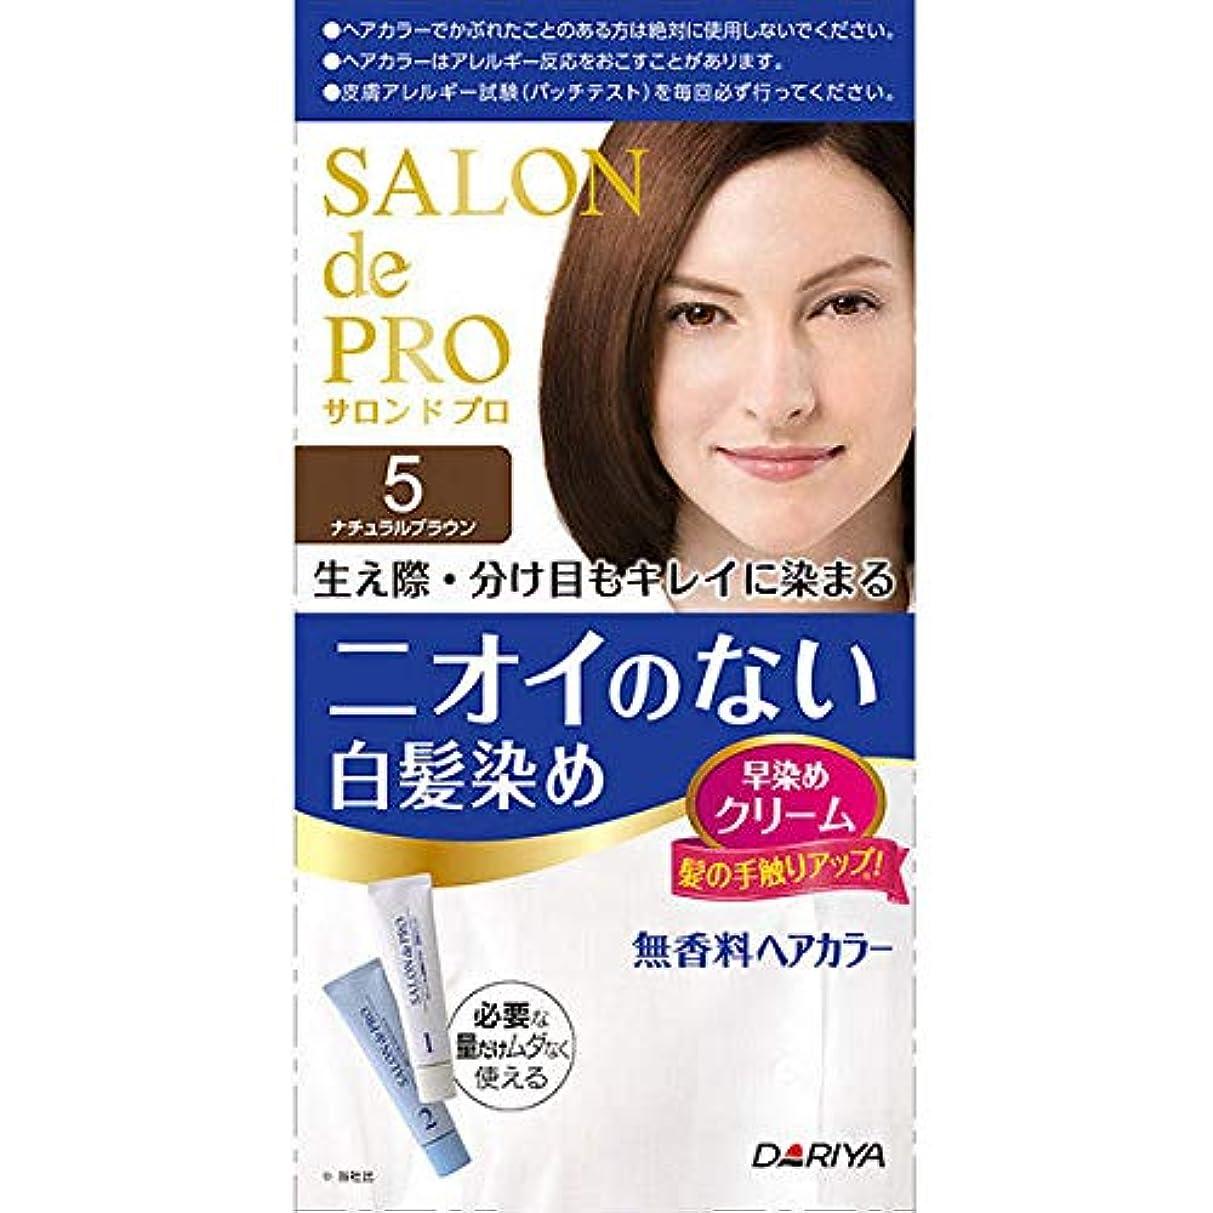 登場しわクラスダリヤ サロン ド プロ 無香料ヘアカラー 早染めクリーム(白髪用) 5 ナチュラルブラウン 40g+40g